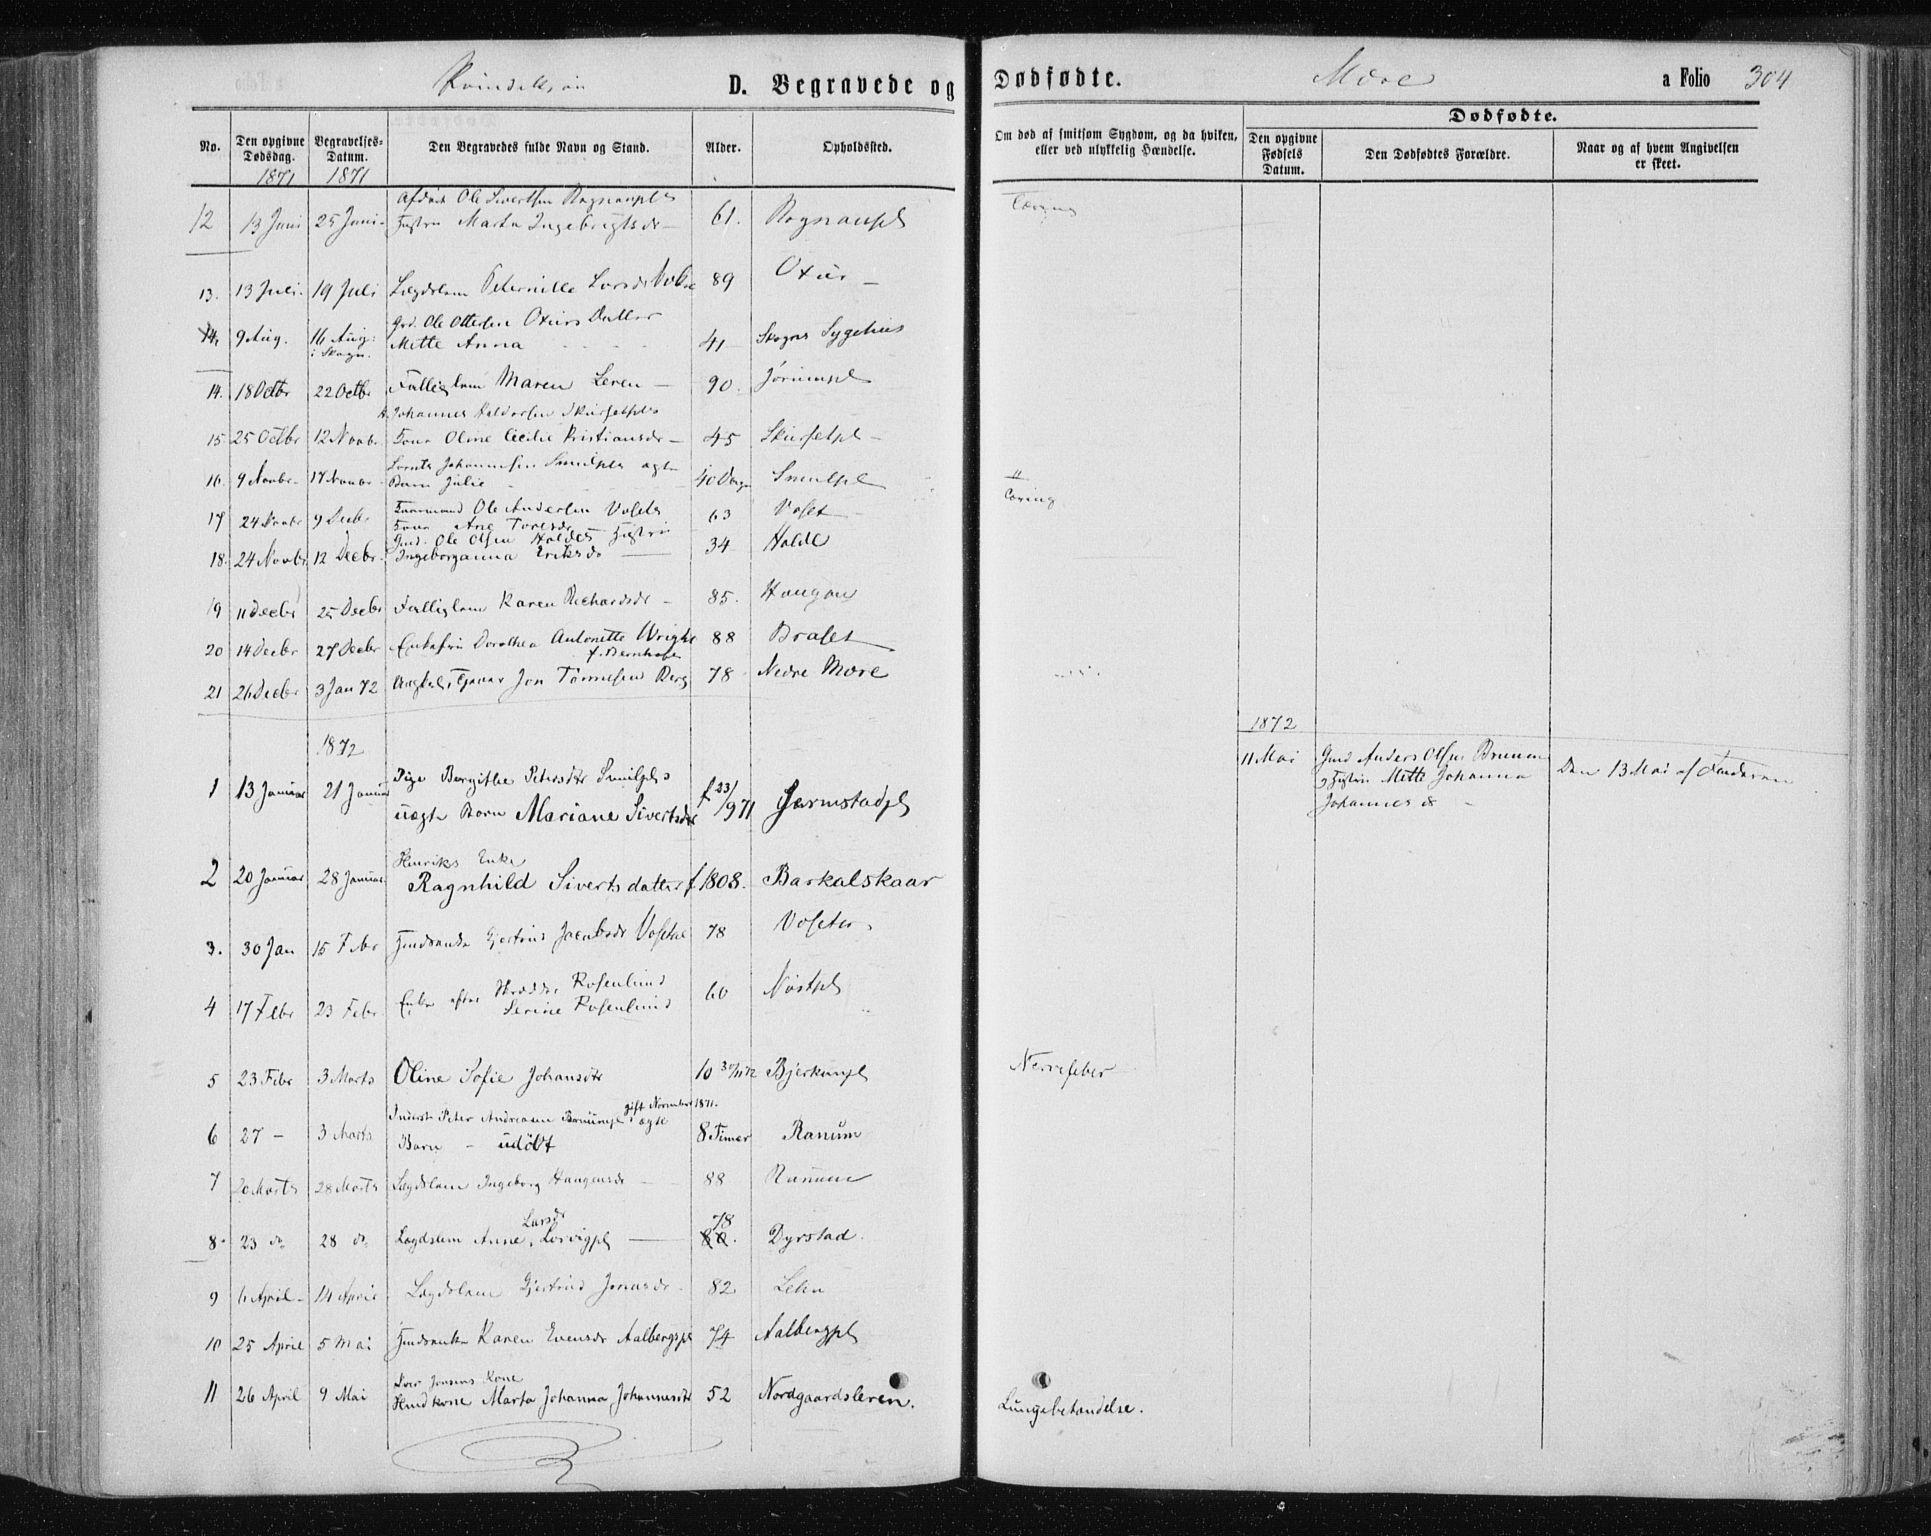 SAT, Ministerialprotokoller, klokkerbøker og fødselsregistre - Nord-Trøndelag, 735/L0345: Ministerialbok nr. 735A08 /1, 1863-1872, s. 304